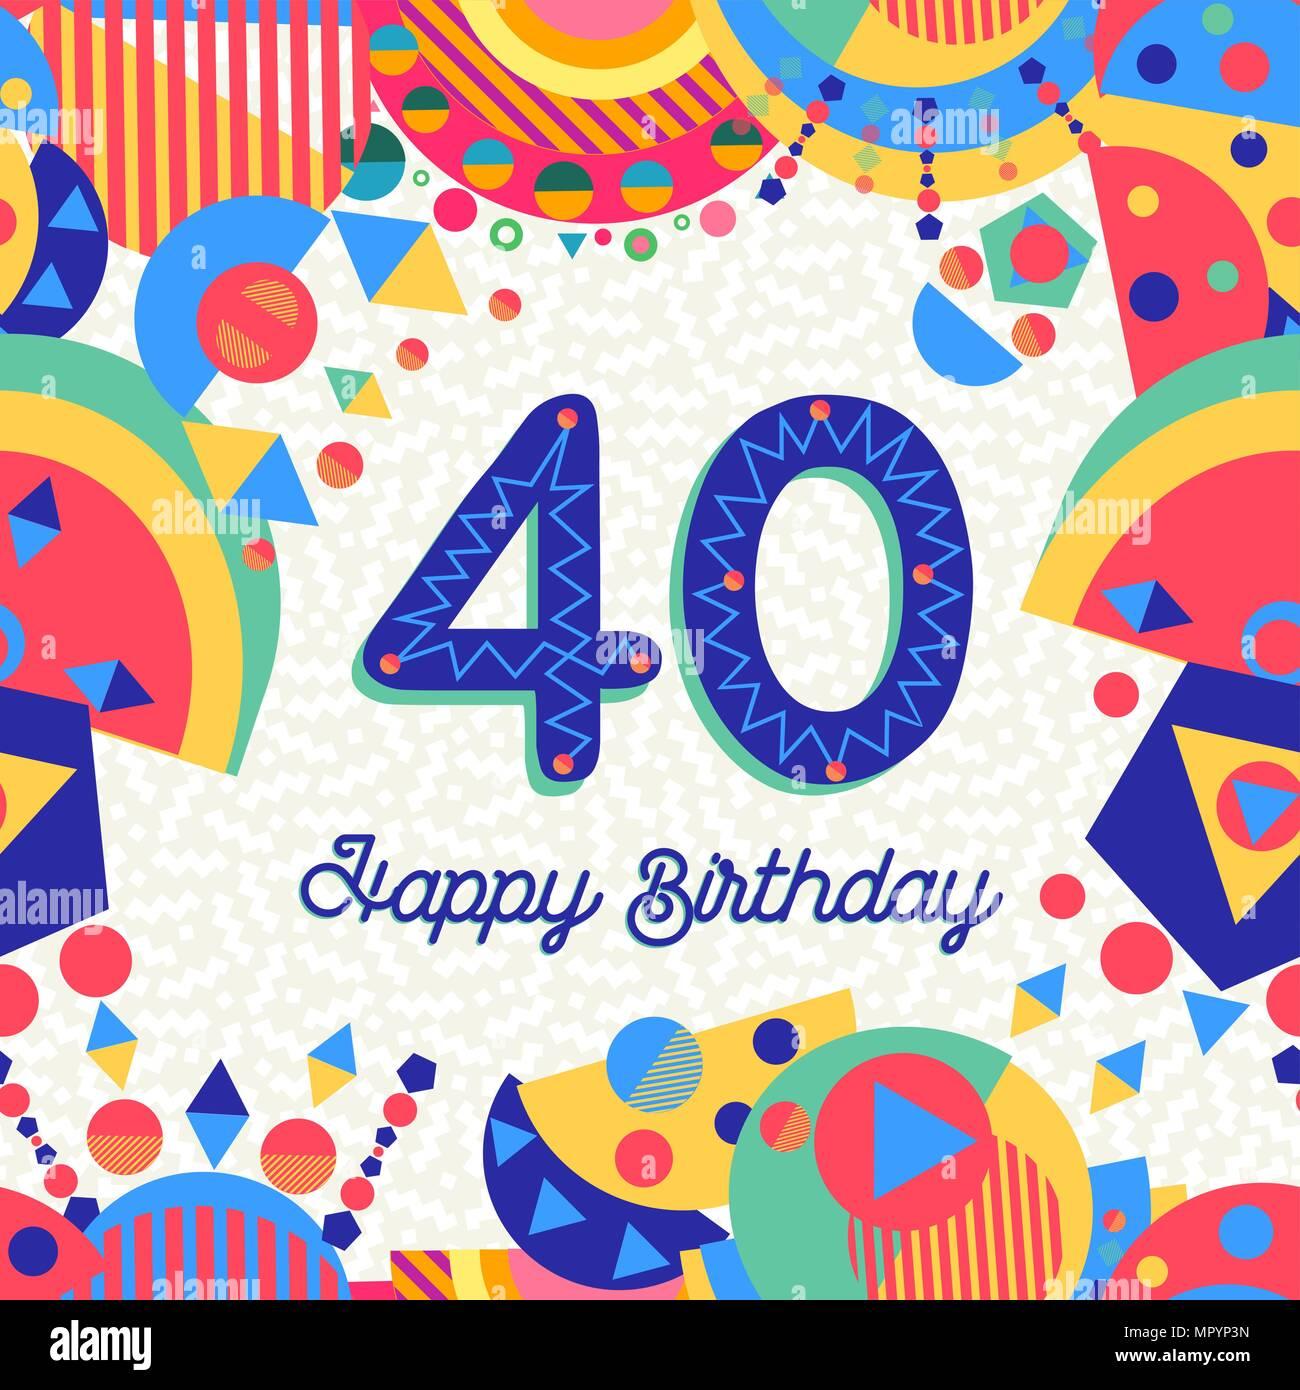 Feliz Cumpleaños 40 Años Diseño Divertido Con Número Texto